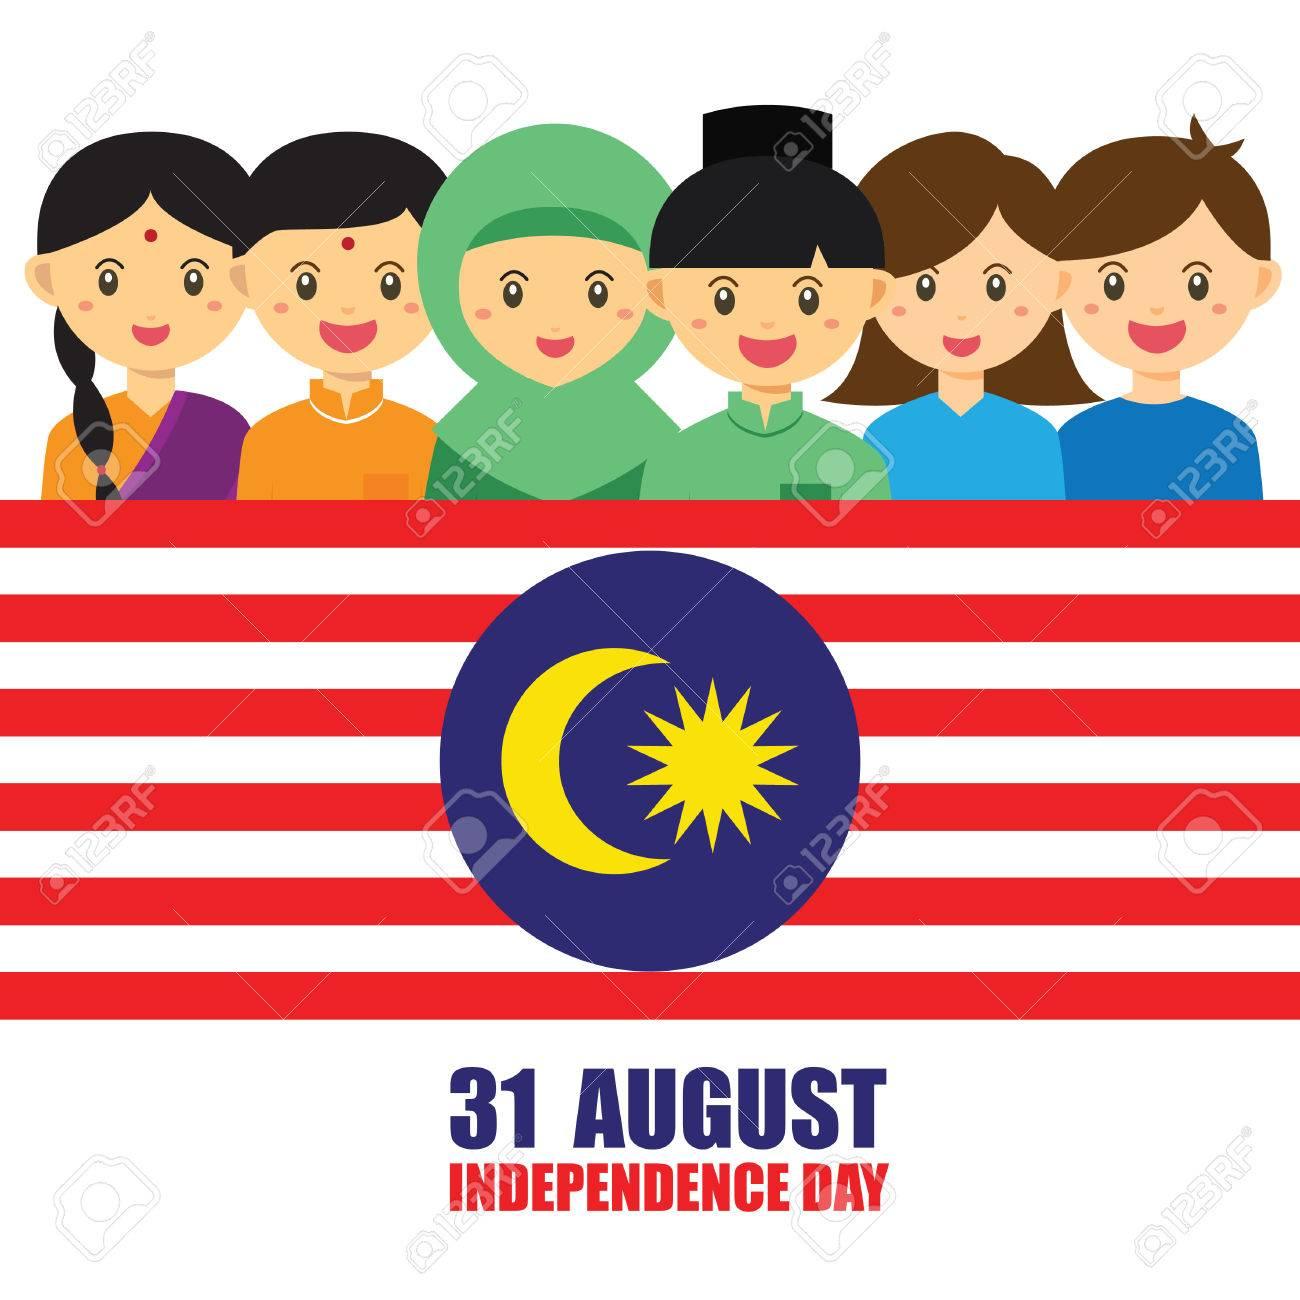 Ilustración Del Día Nacional / Independencia De Malasia. Niños ...